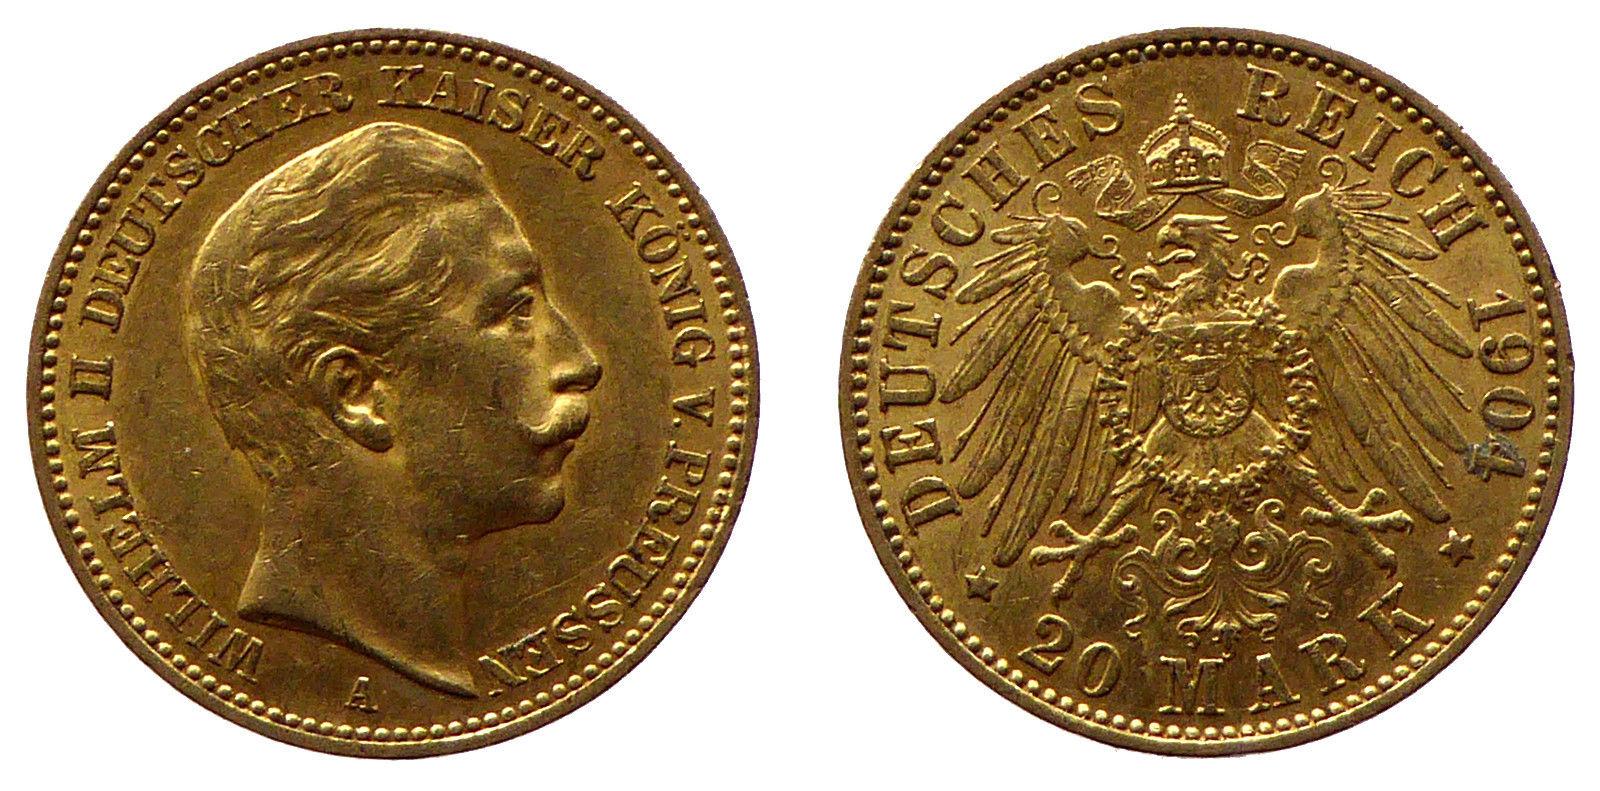 1904 20 Mark